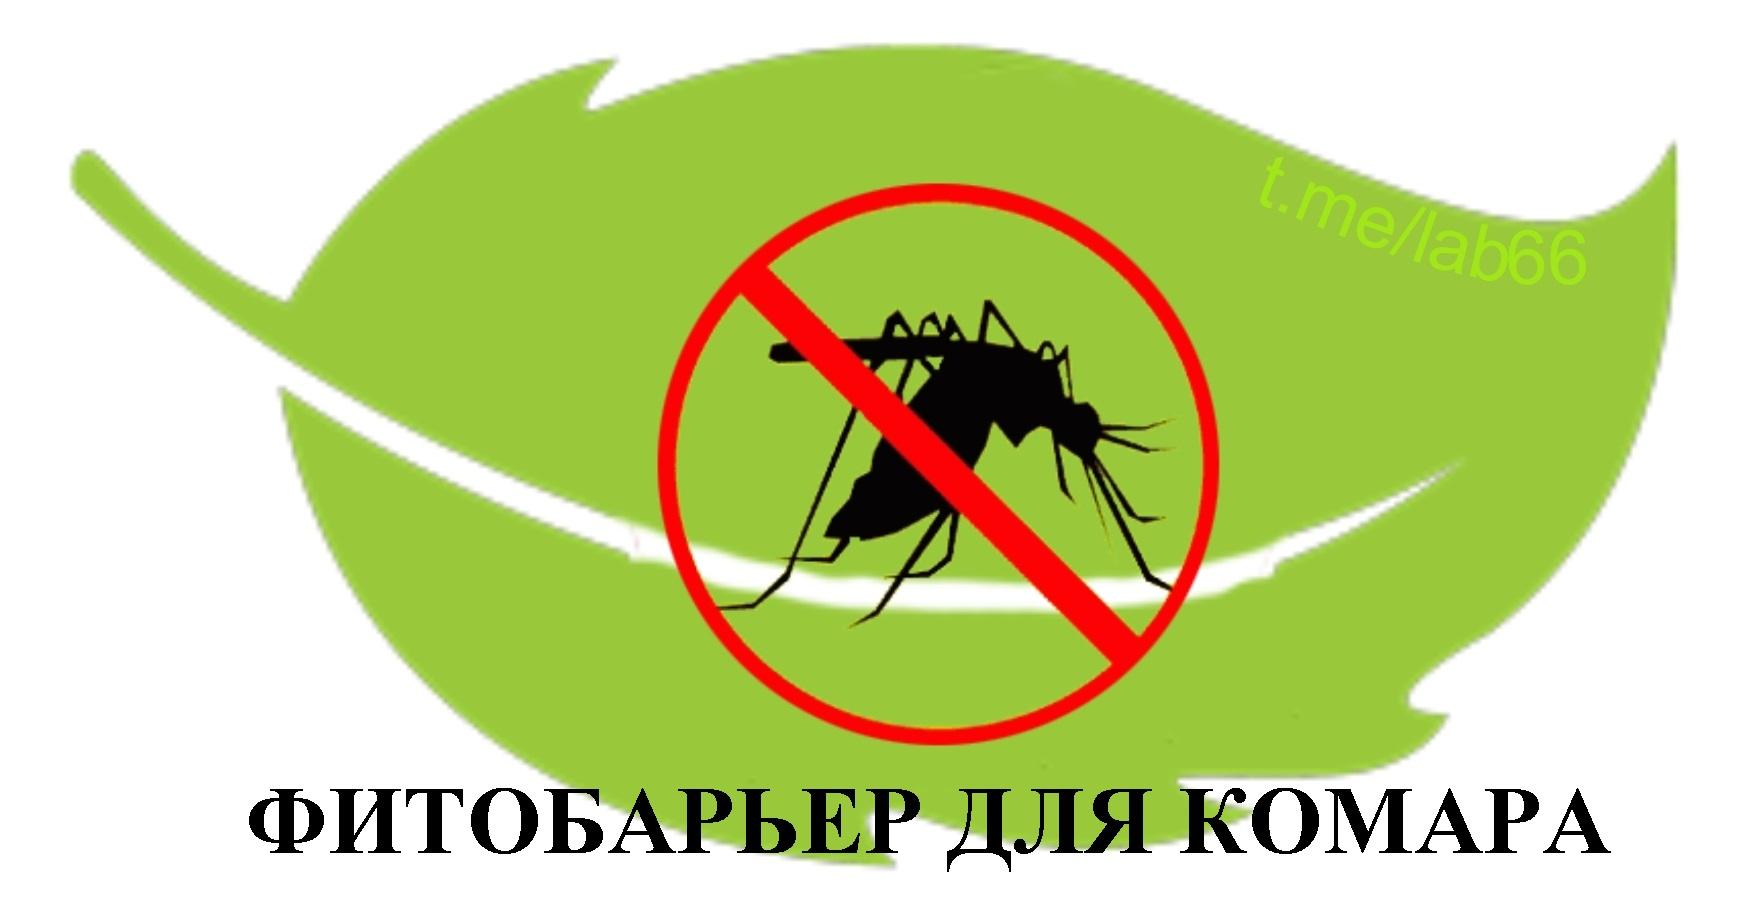 Нет комарам! Обзор антимоскитных «фитобоеприпасов» - 1